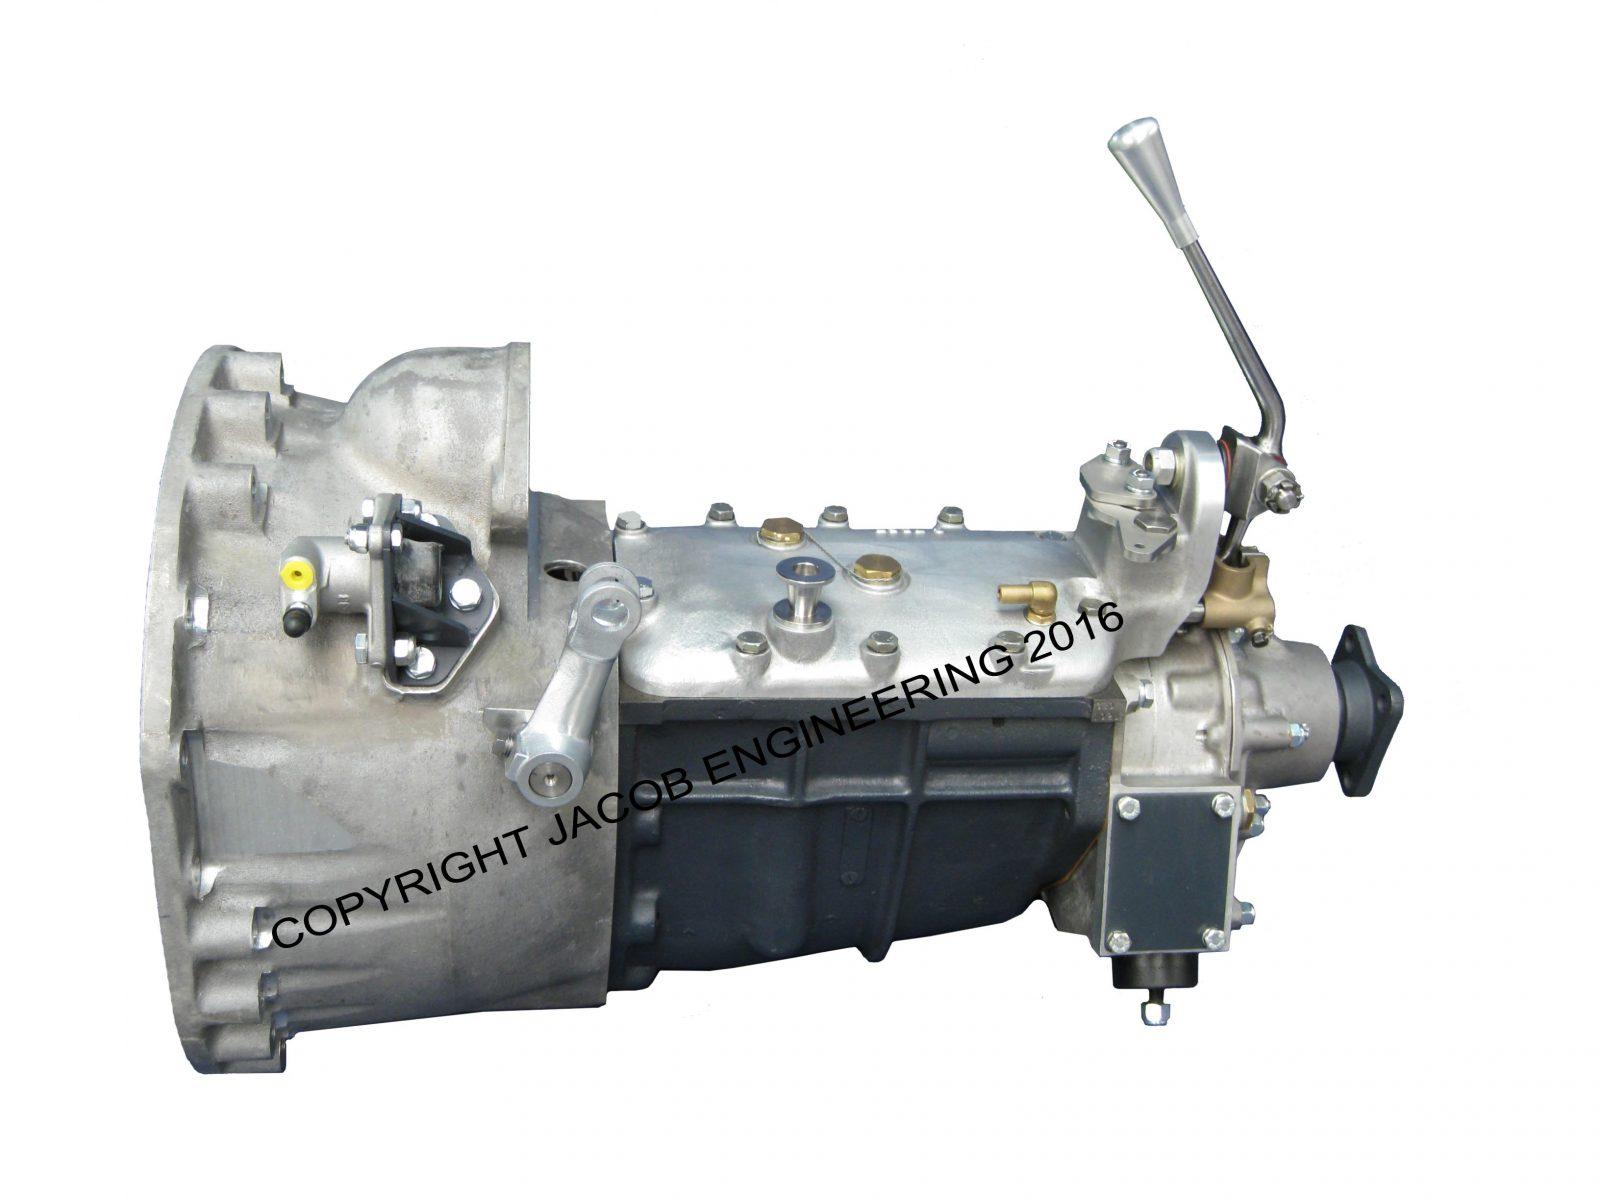 D Type Gearbox to fit Jaguar XKDJaguar D Type Gearbox Gear Box |